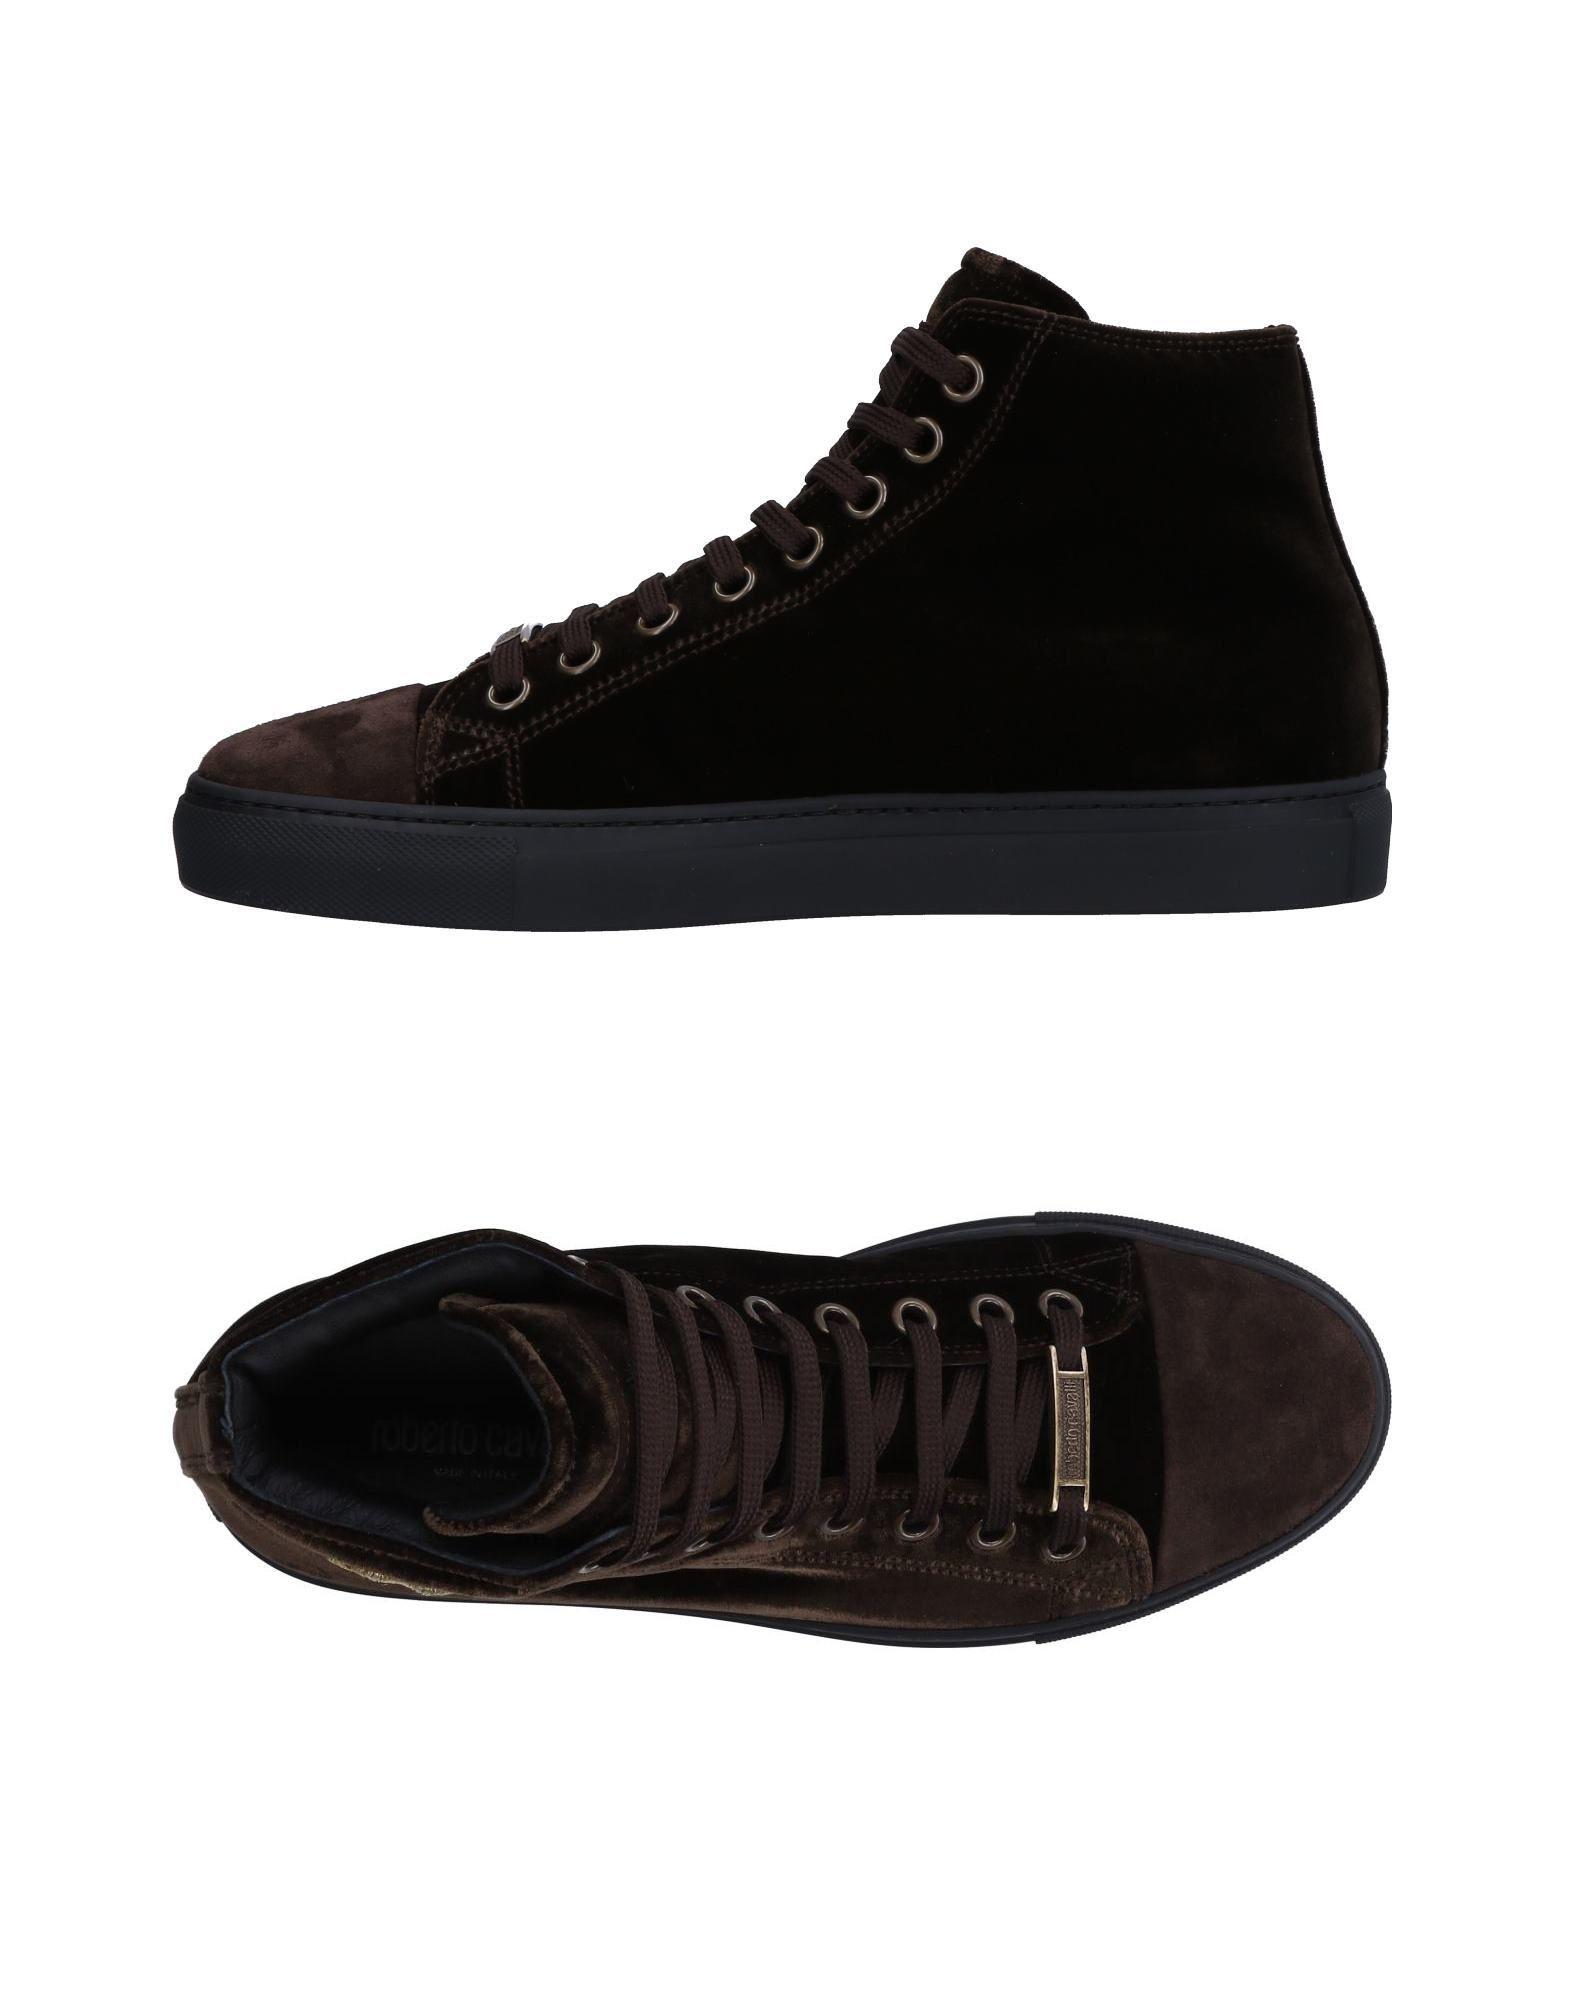 Roberto Cavalli Sneakers Herren  11517364FH